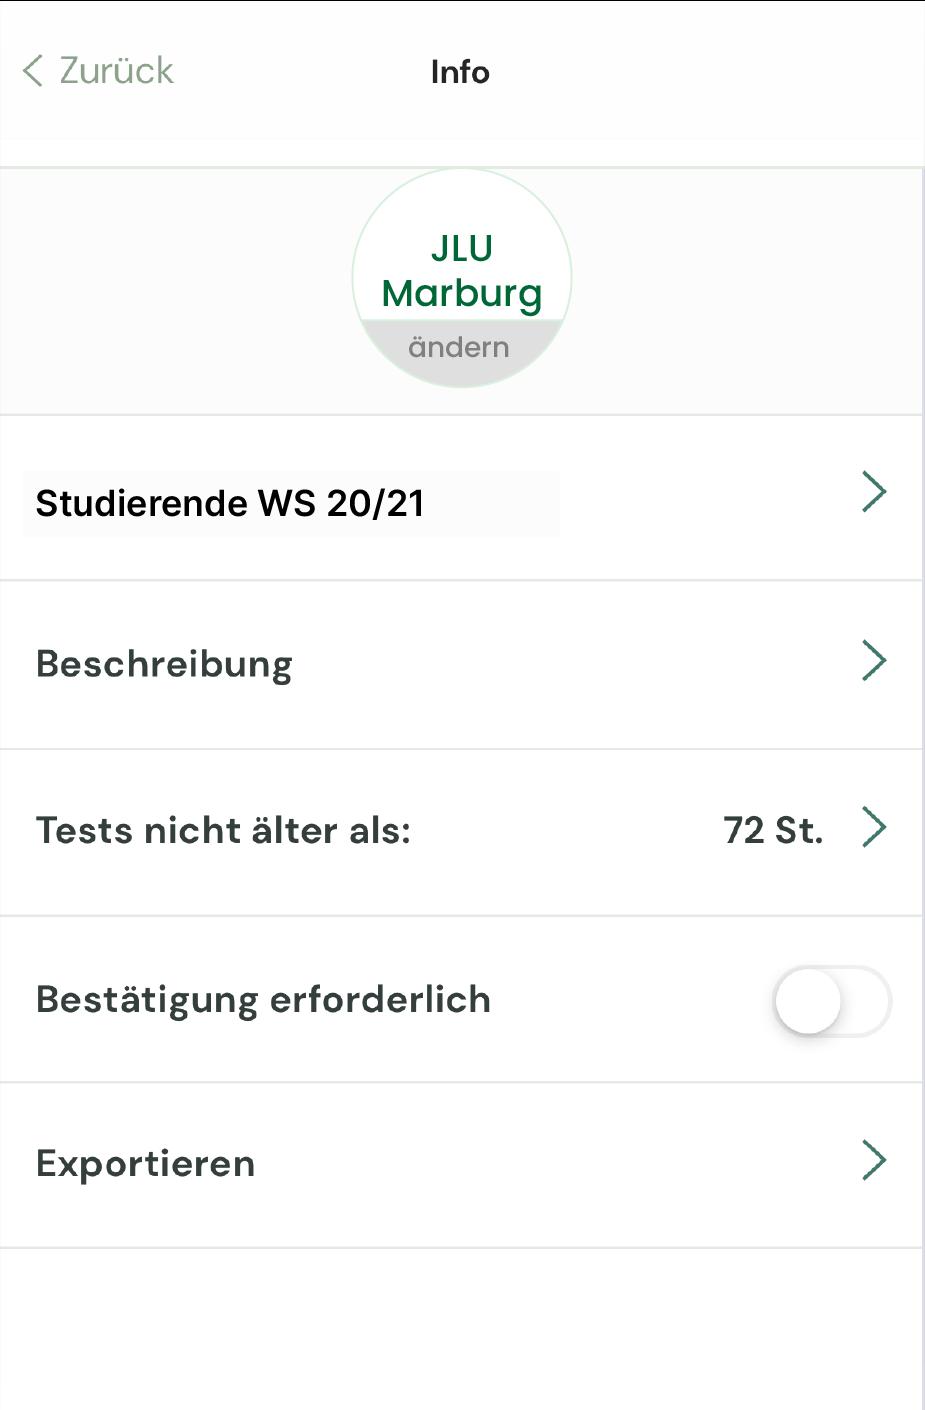 Gruppenansicht, alle Einstellungsmöglichkeiten einer MedCare Gruppe zum Austausch von Test Ergebnissen innerhalb der MedCare App